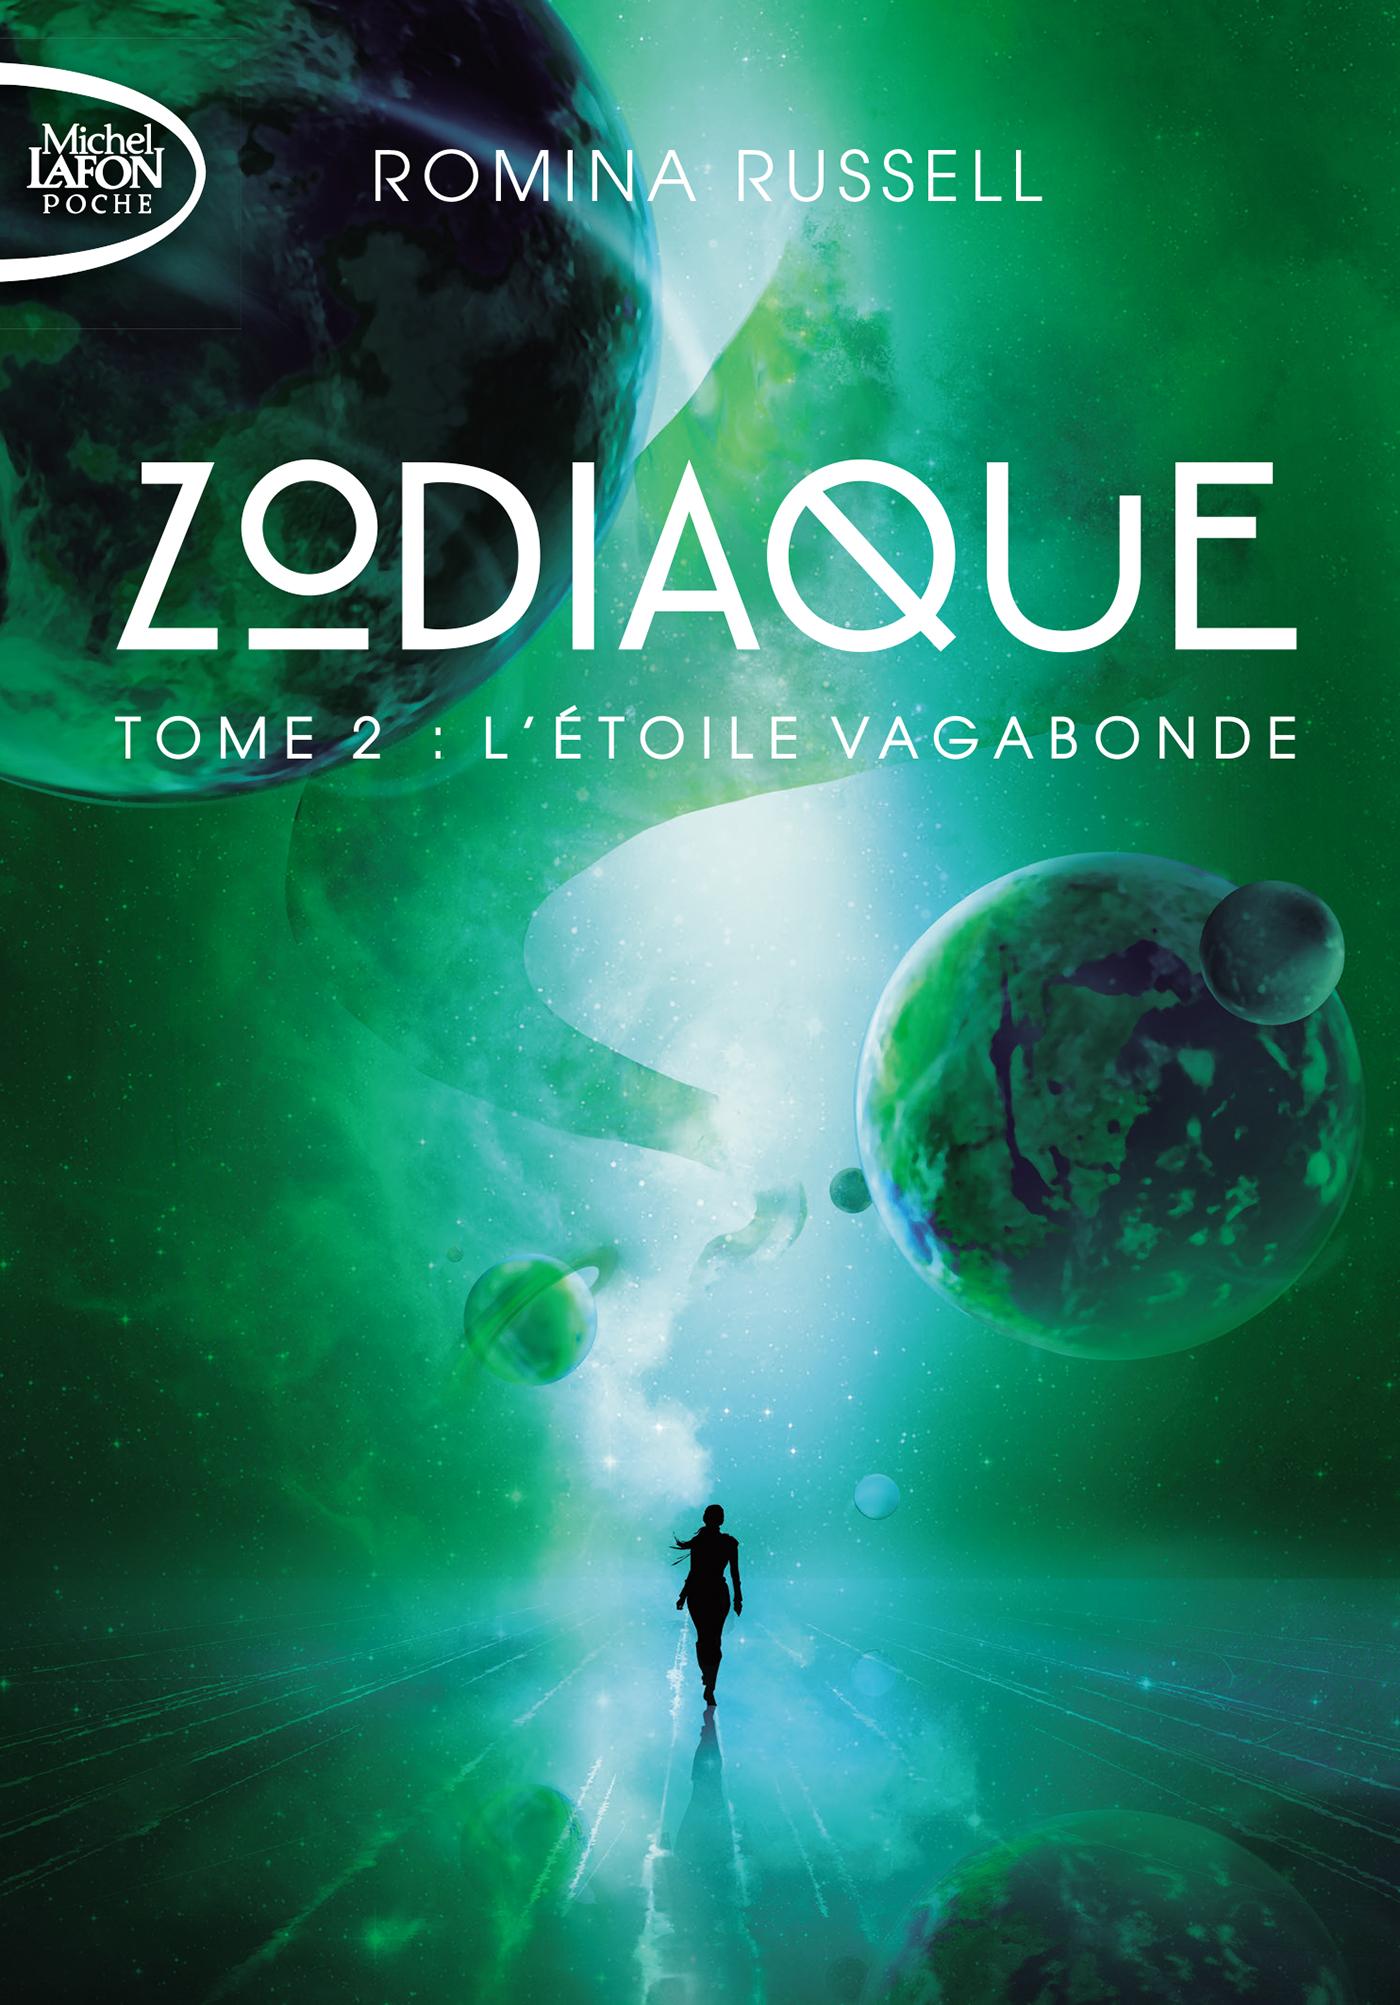 Zodiaque – Tome 2